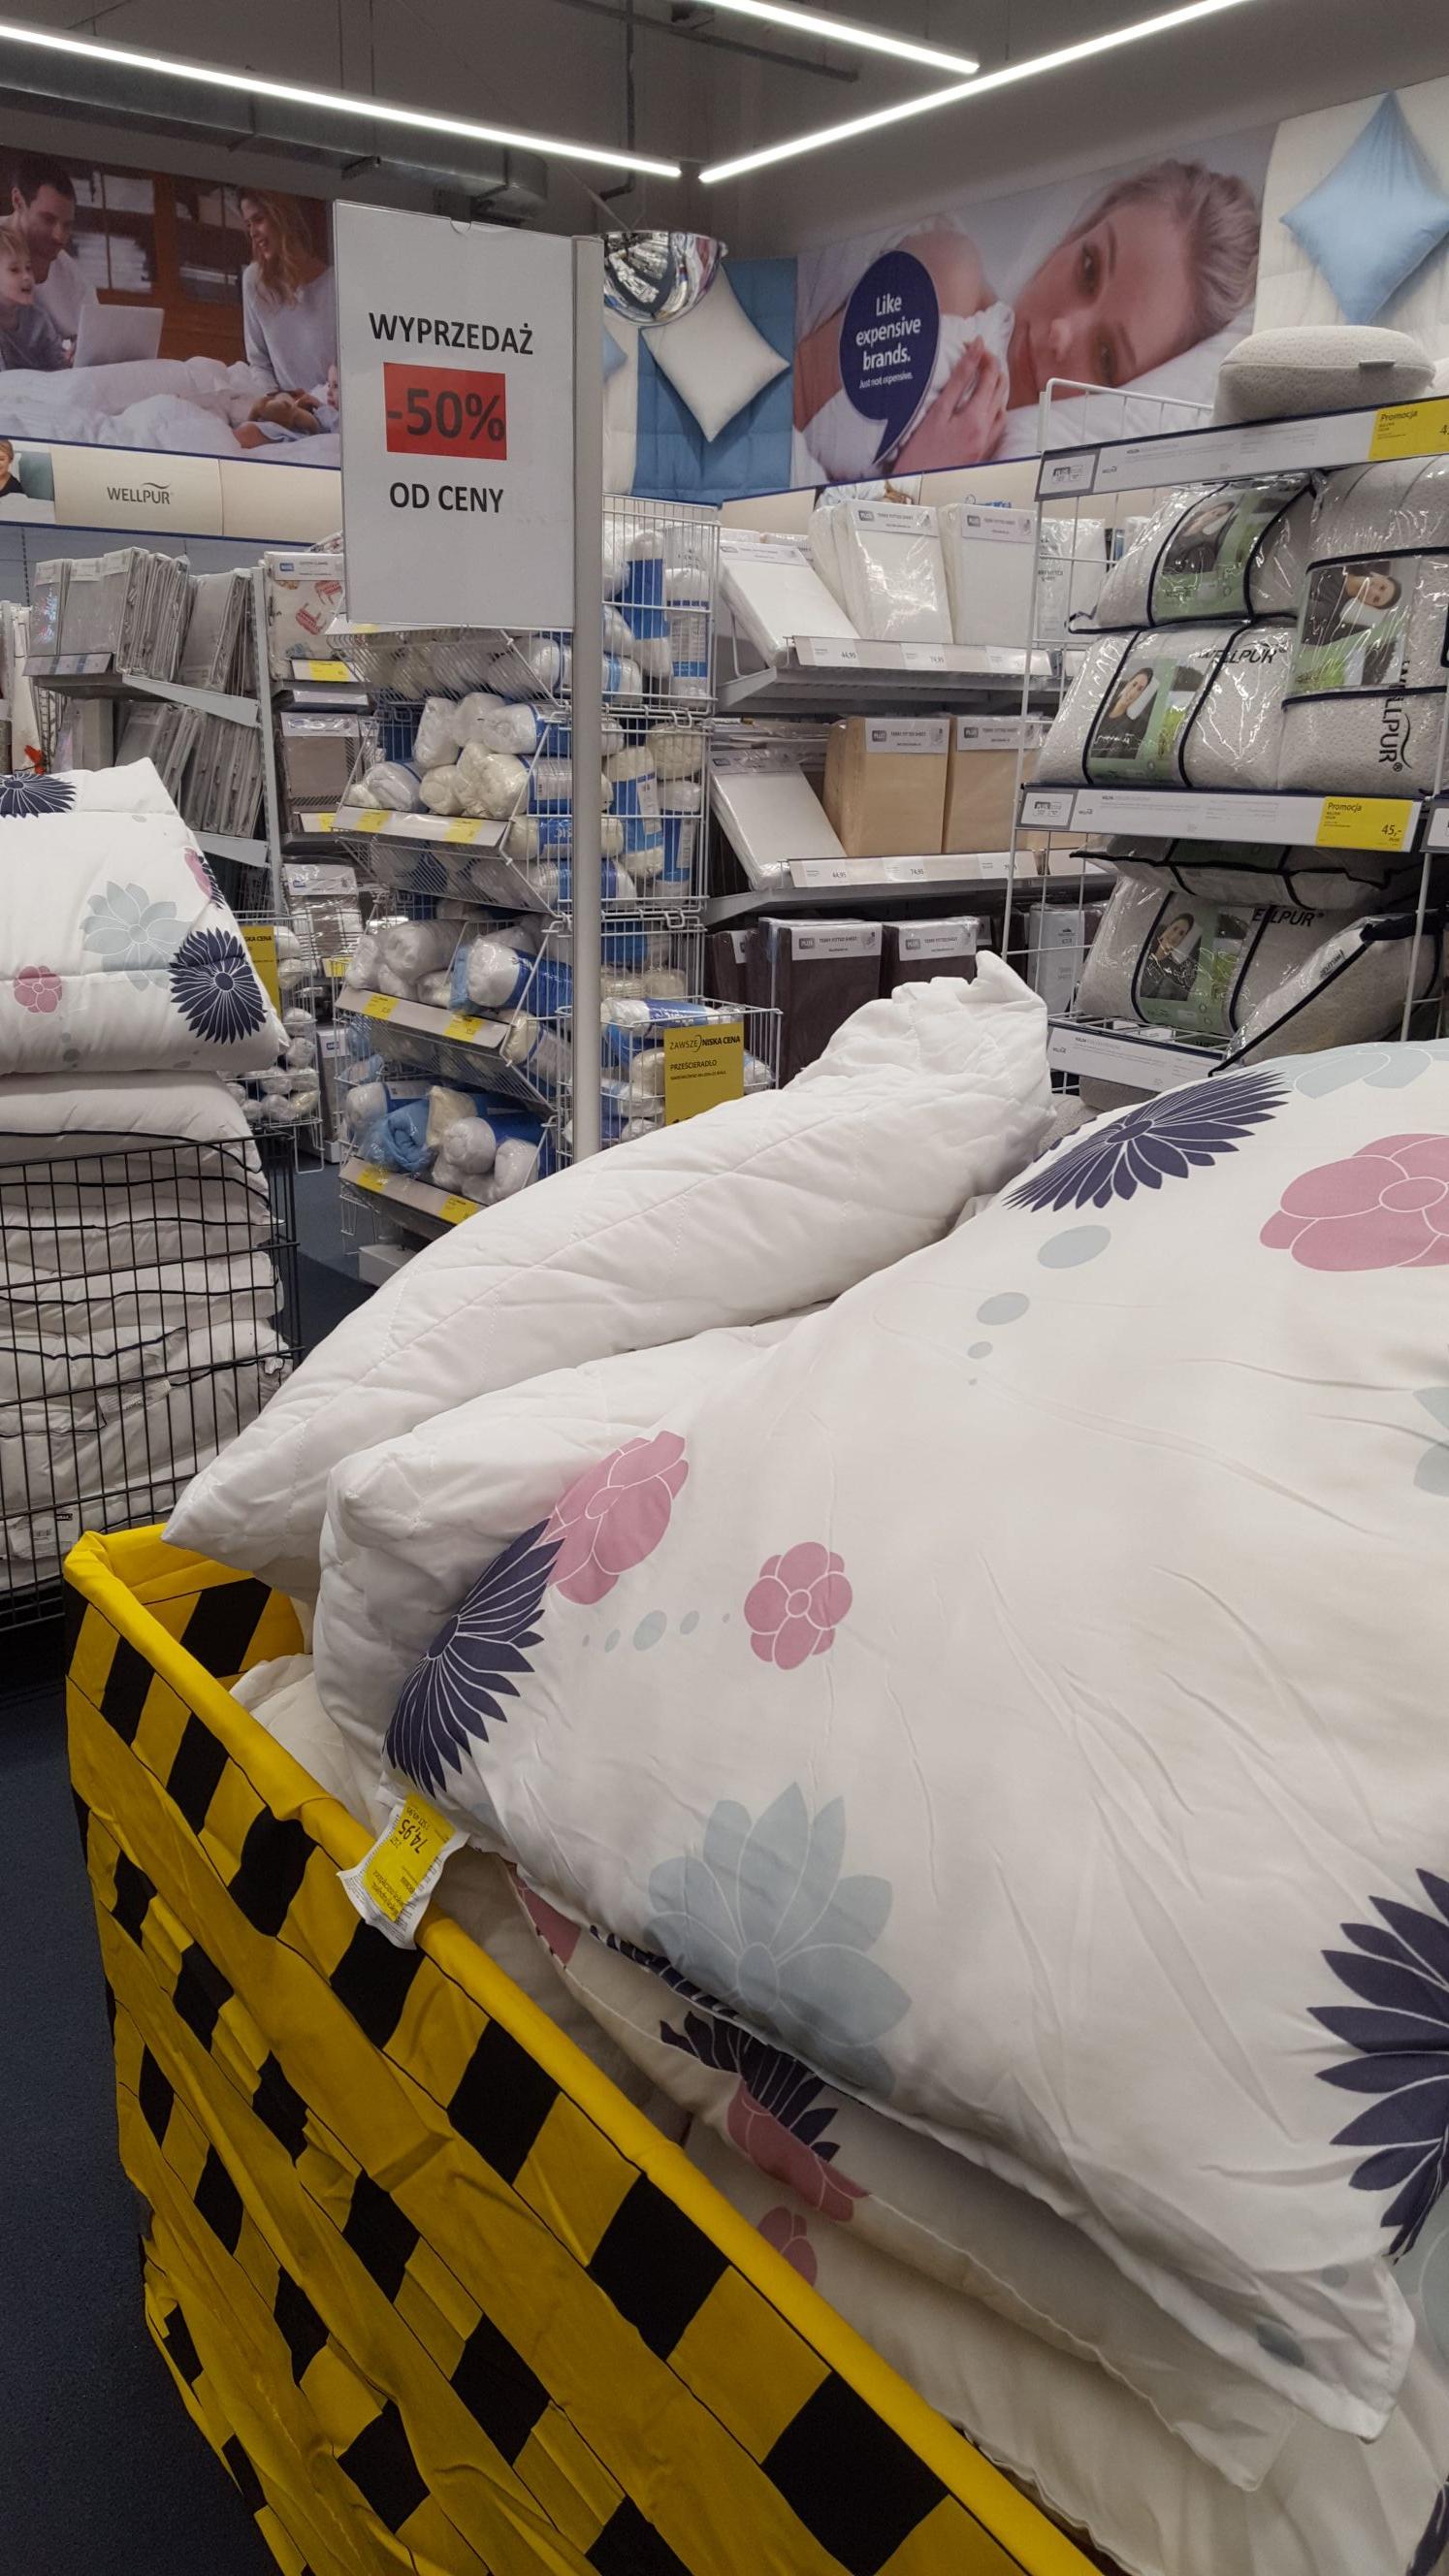 Jysk ogromna wyprzedaż kołder i poduszek -50% od ceny rabatowej